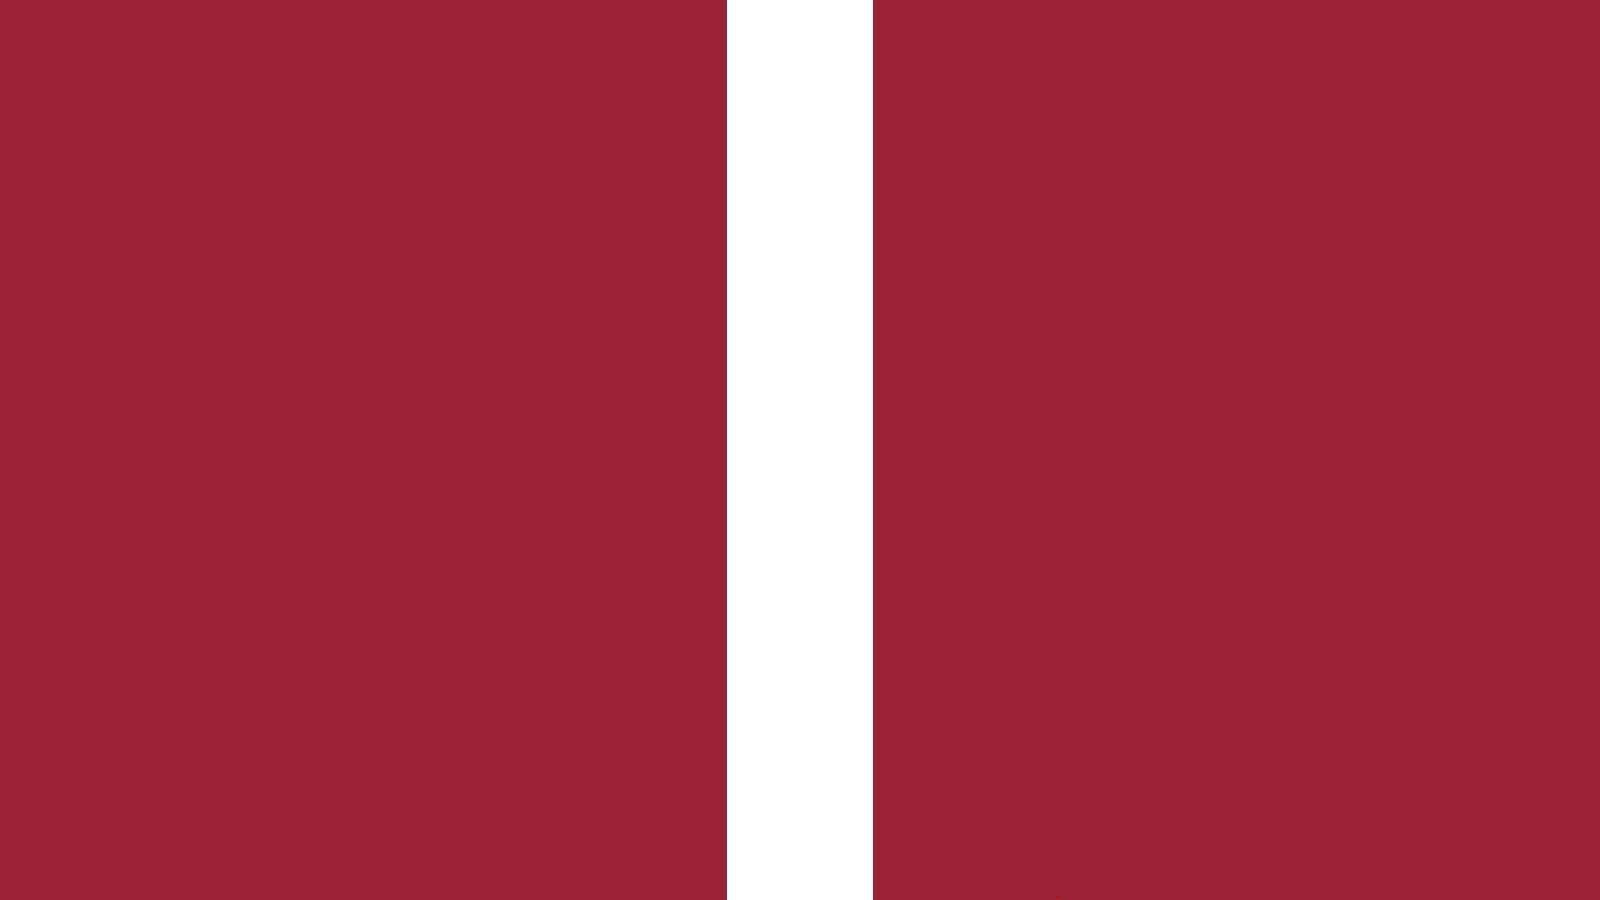 Alabama Crimson Tide at Arkansas Razorbacks